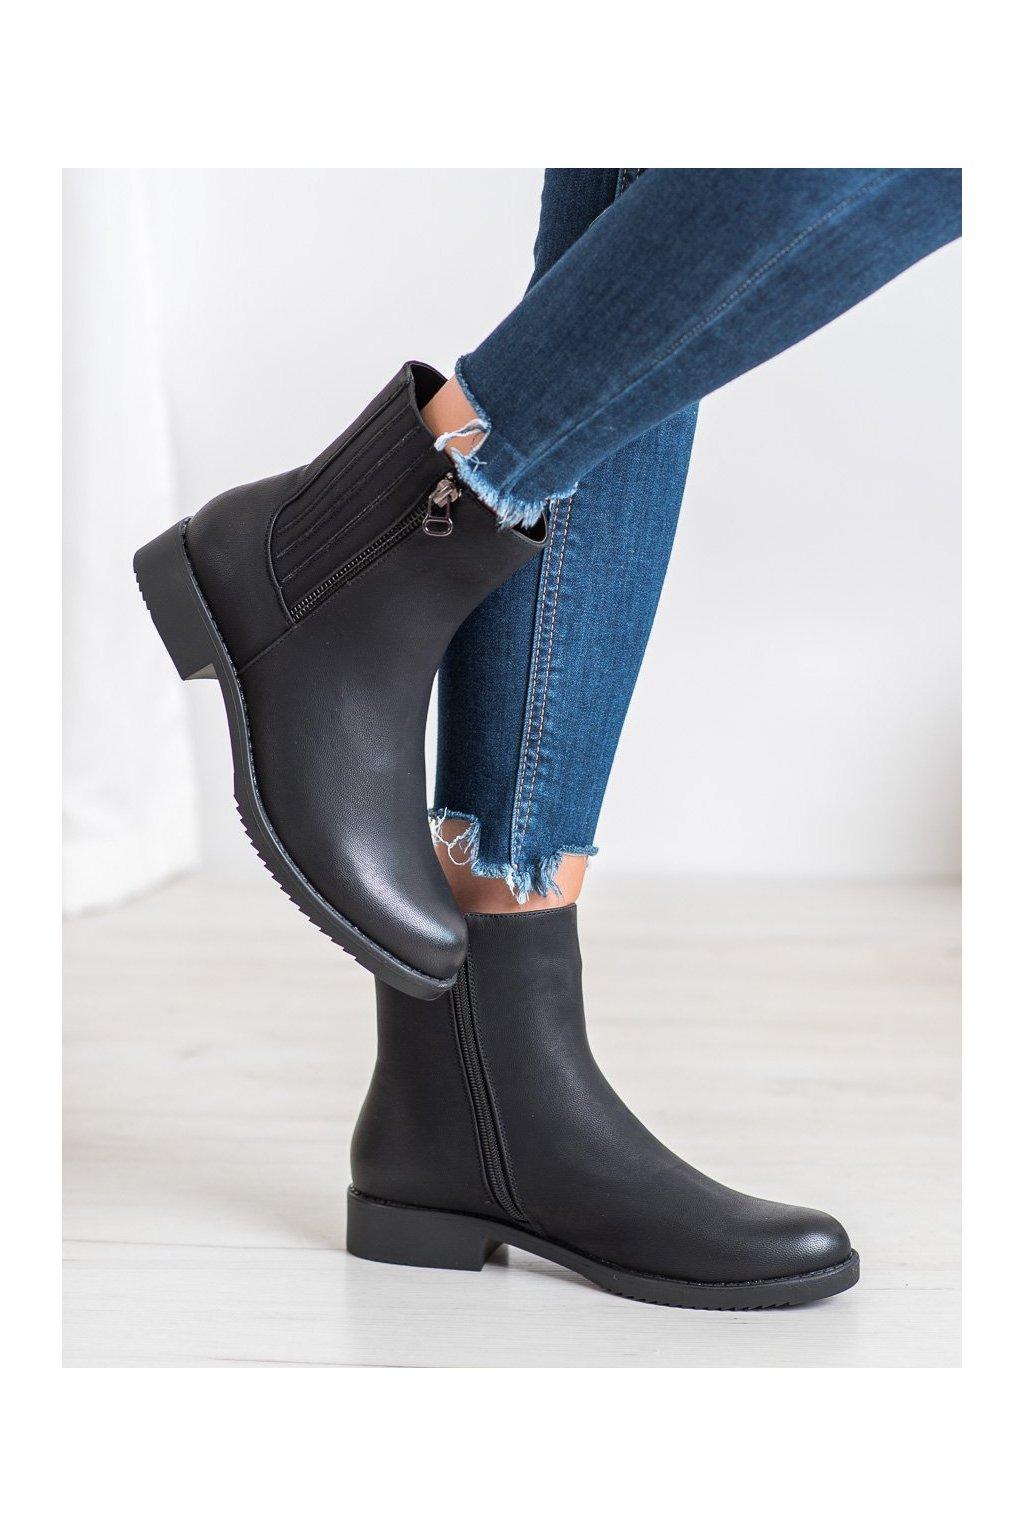 Čierne dámske topánky J. star kod A8102B